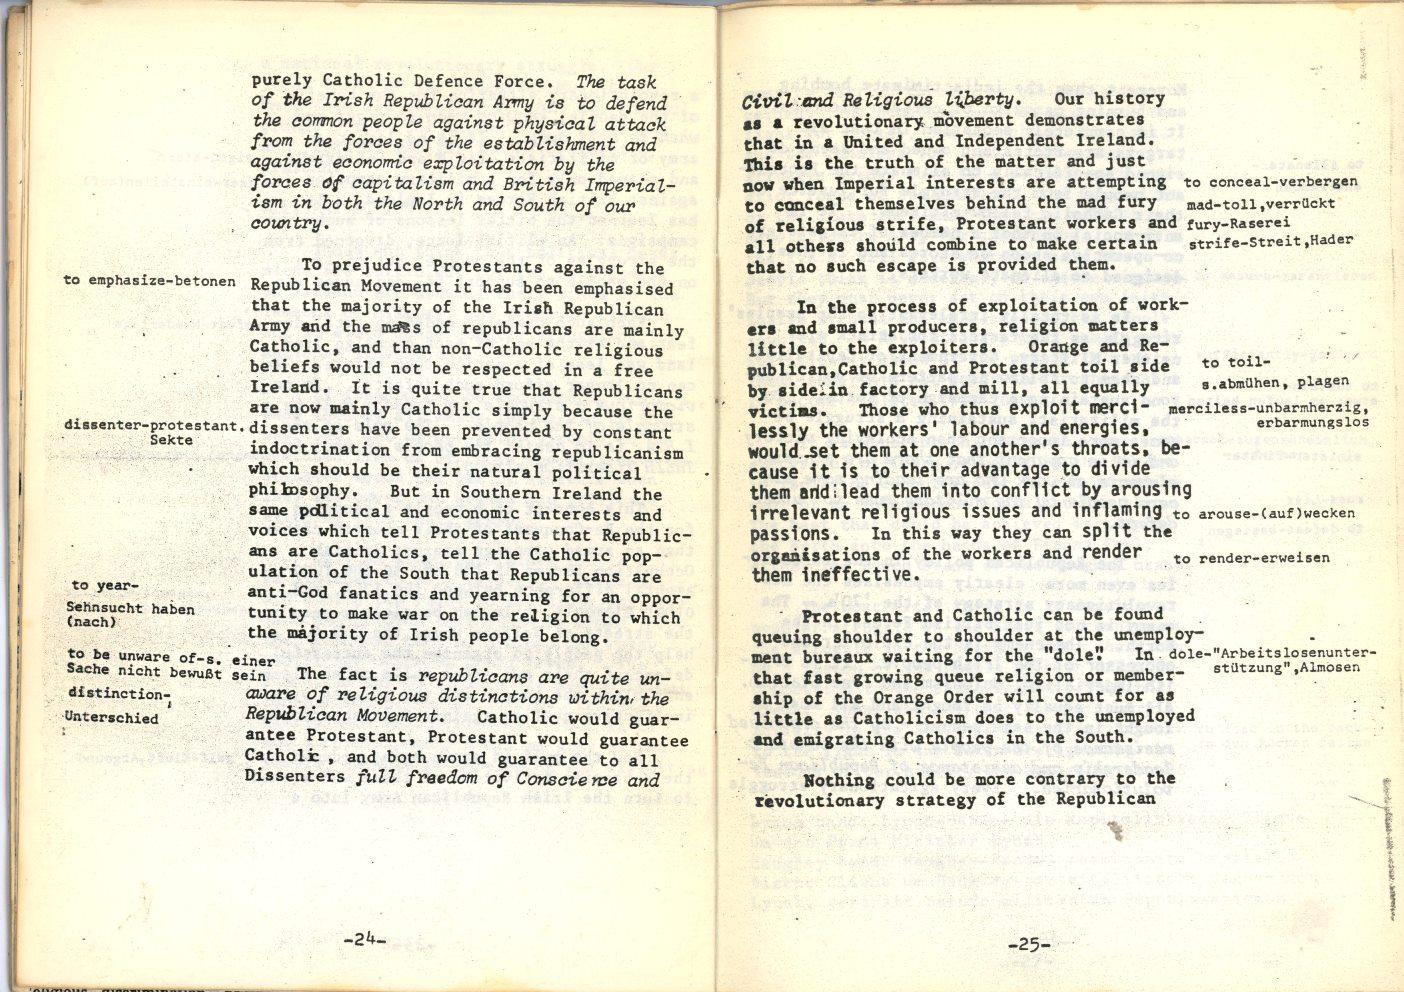 Berlin_Druckcooperative_1972_IRA_speaks_15